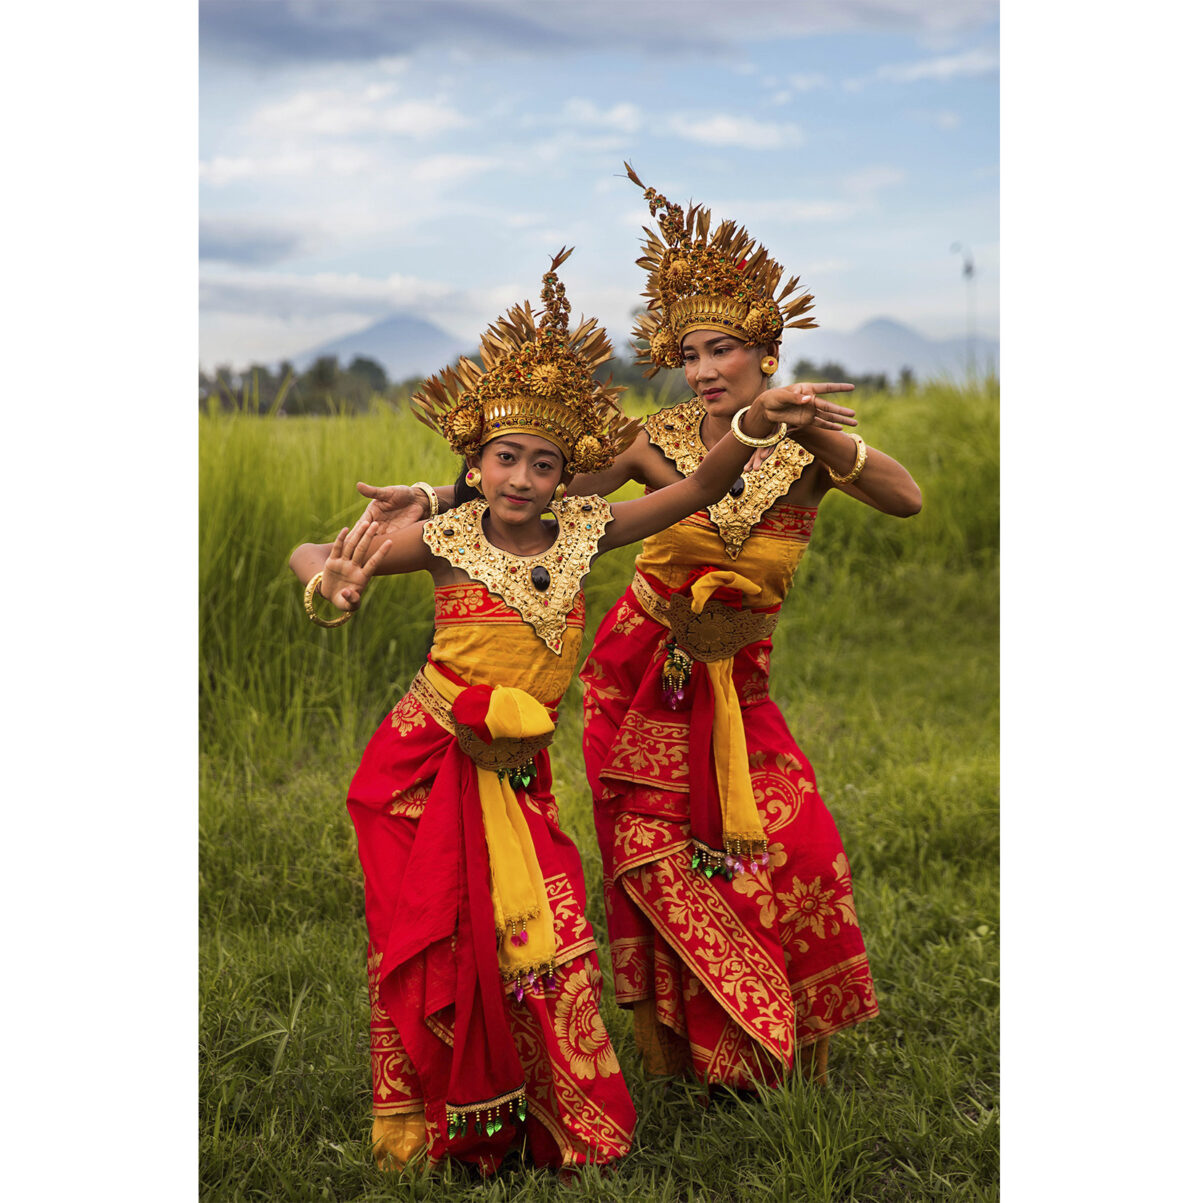 Mamma e figlia danzano in Indonesia